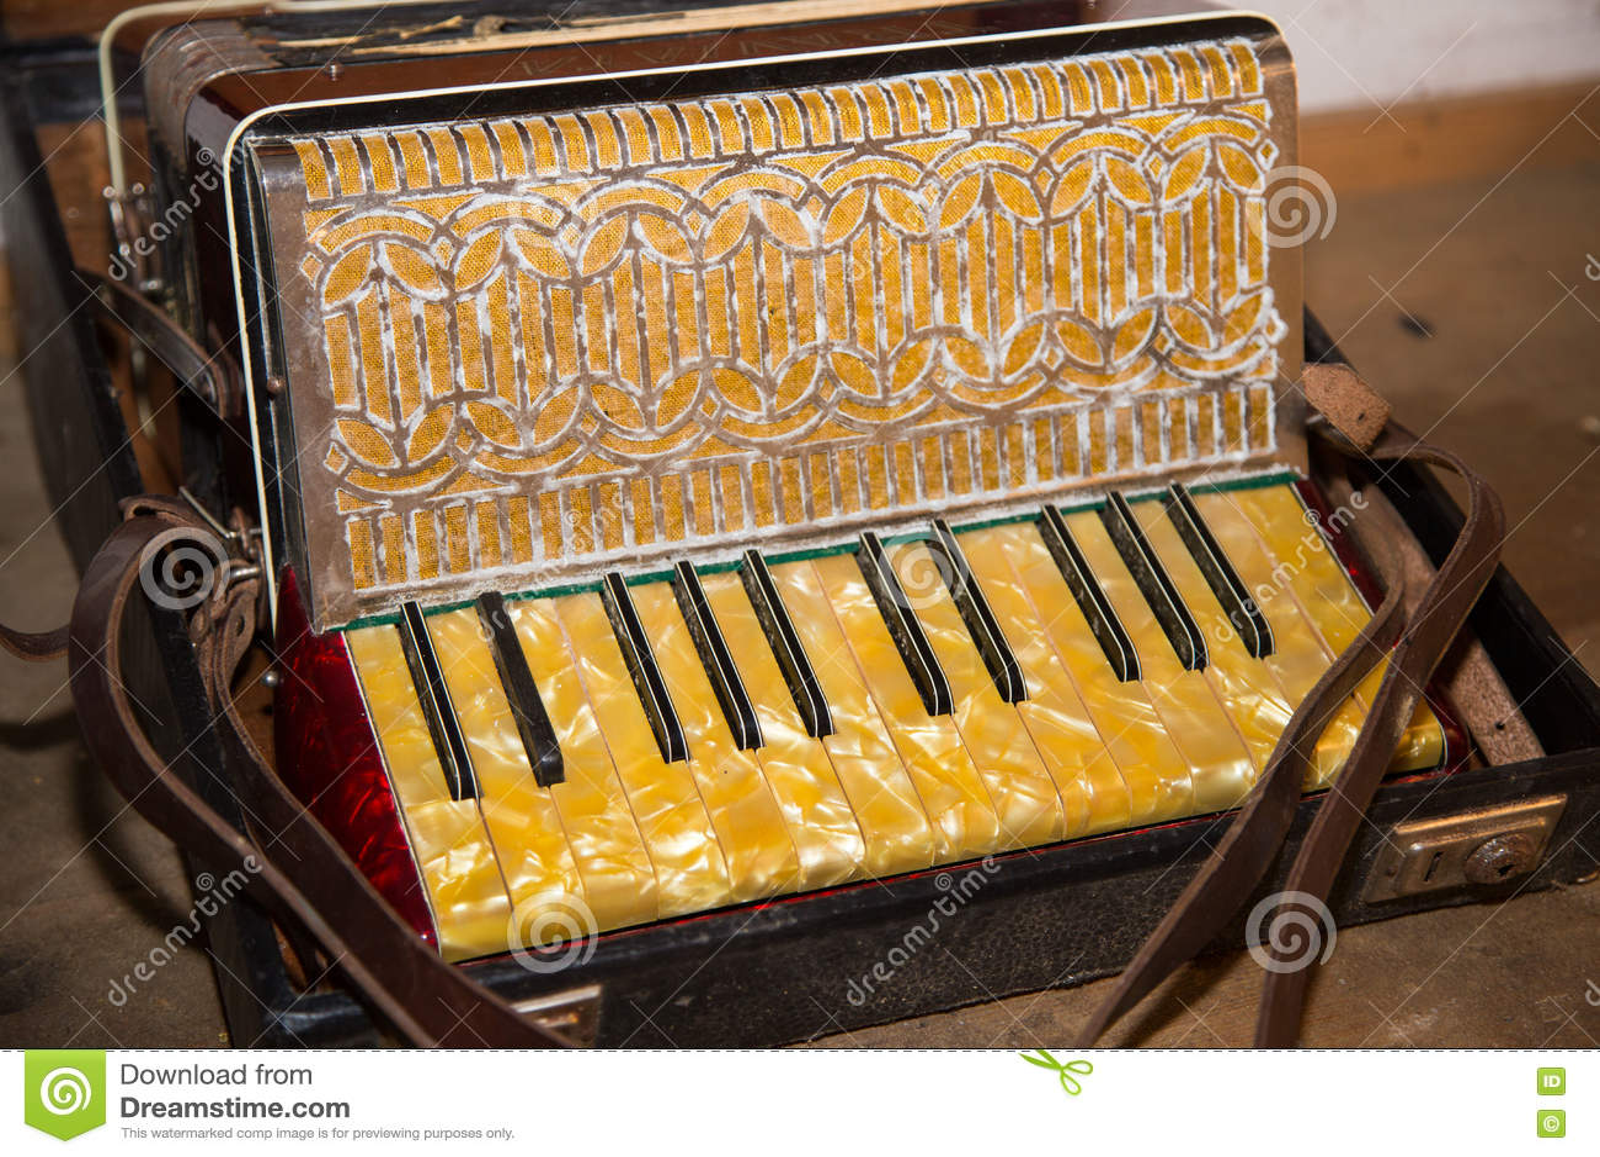 Oude harmonika die op de zolder wordt gevonden